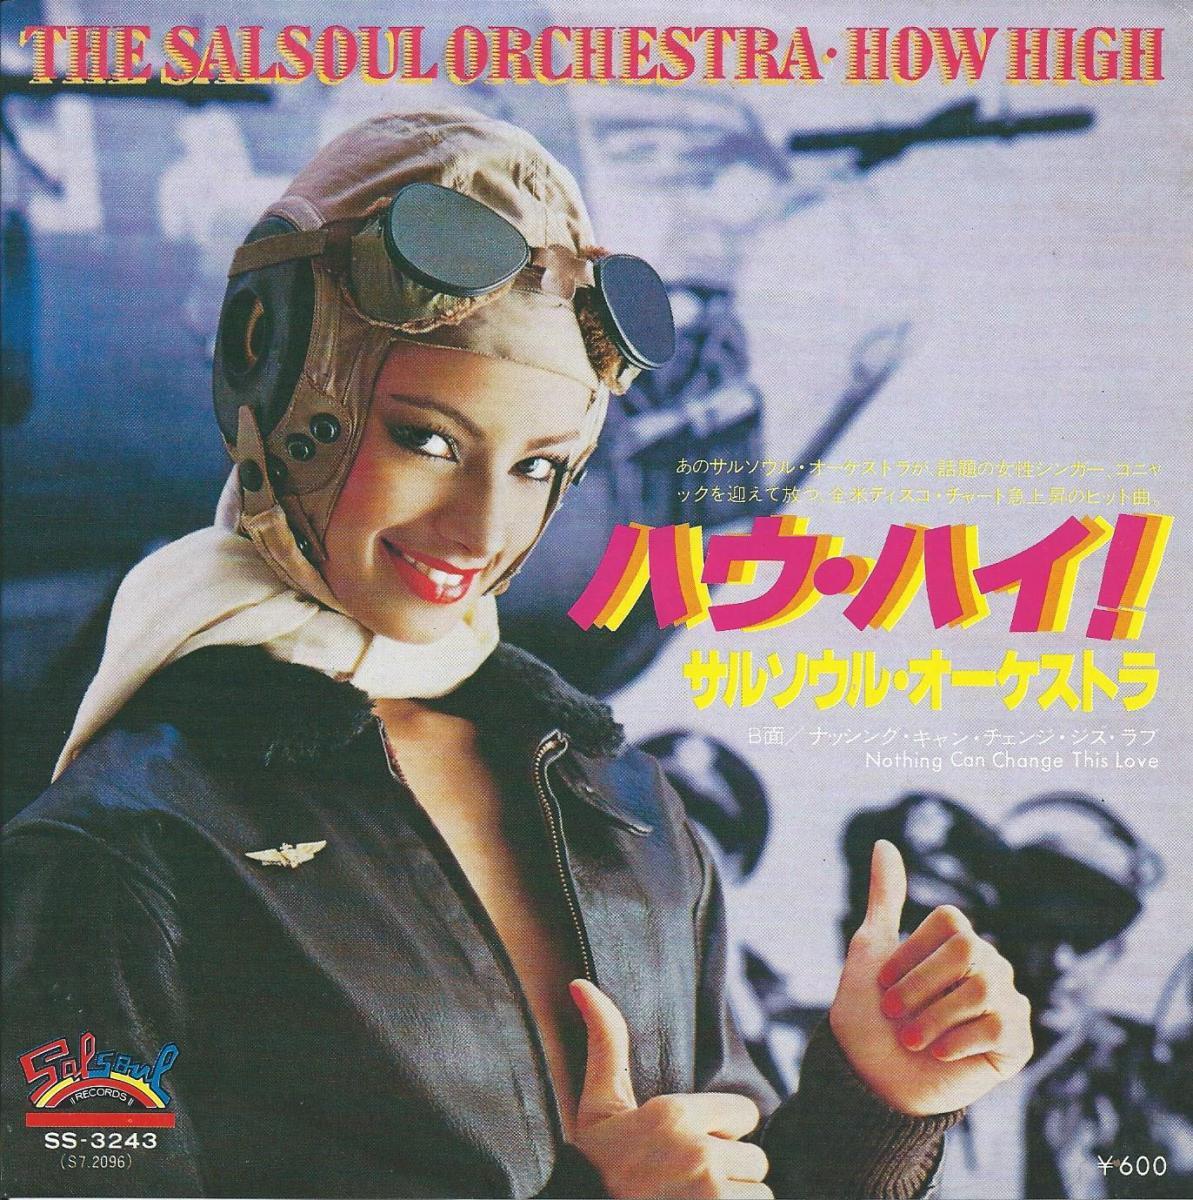 サルソウル・オーケストラ THE SALSOUL ORCHESTRA / ハウ・ハイ!HOW HIGH (7